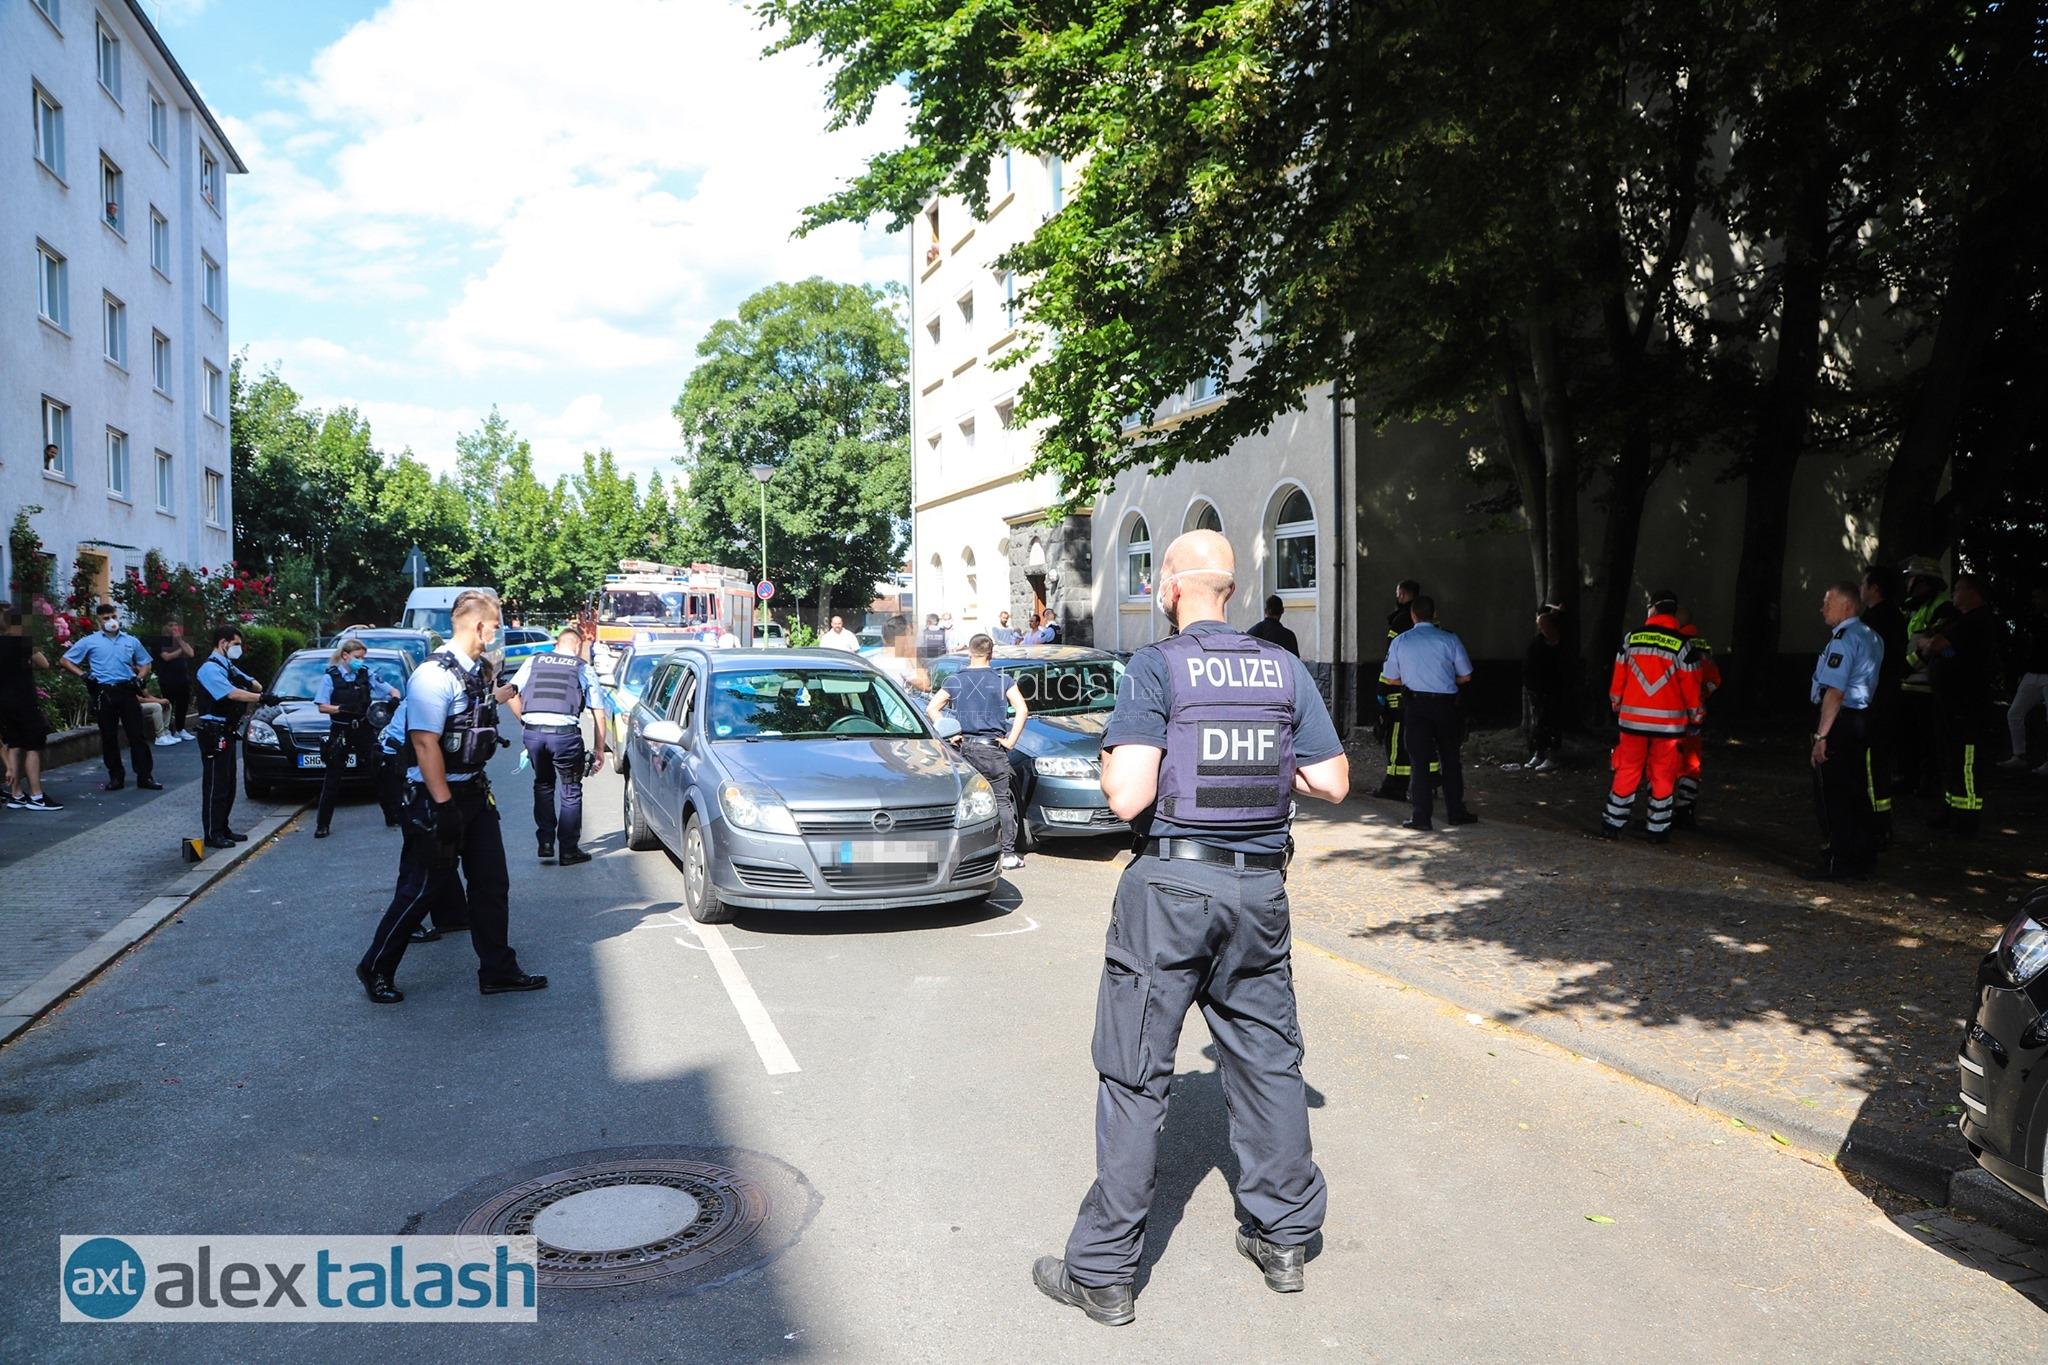 4-jähriges Kind angefahren – Polizei muss massiven Streit zwischen 80 Personen schlichten